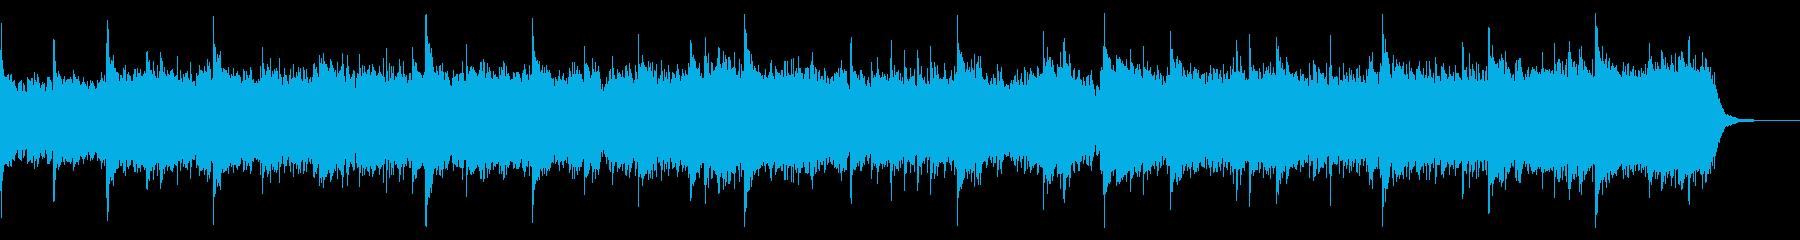 ピアノソロによるエレクトロニカの再生済みの波形